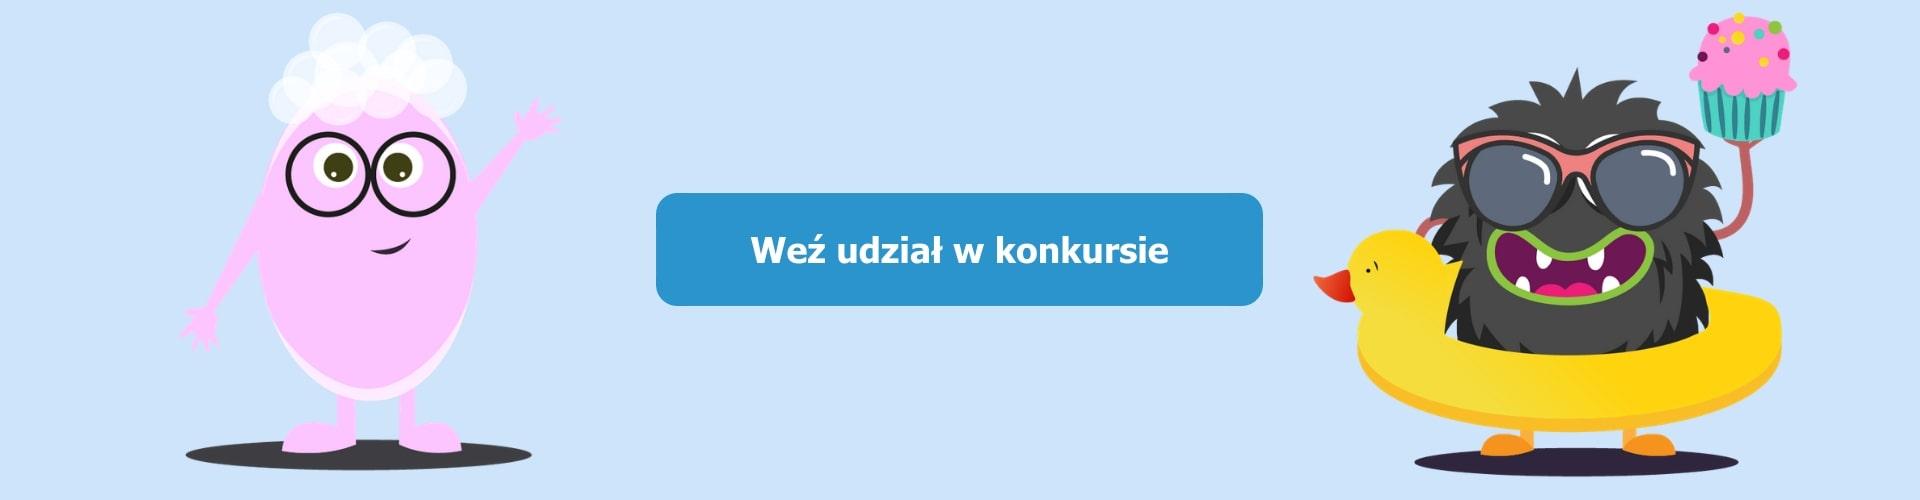 konkurs-mistrzostwa-swiata